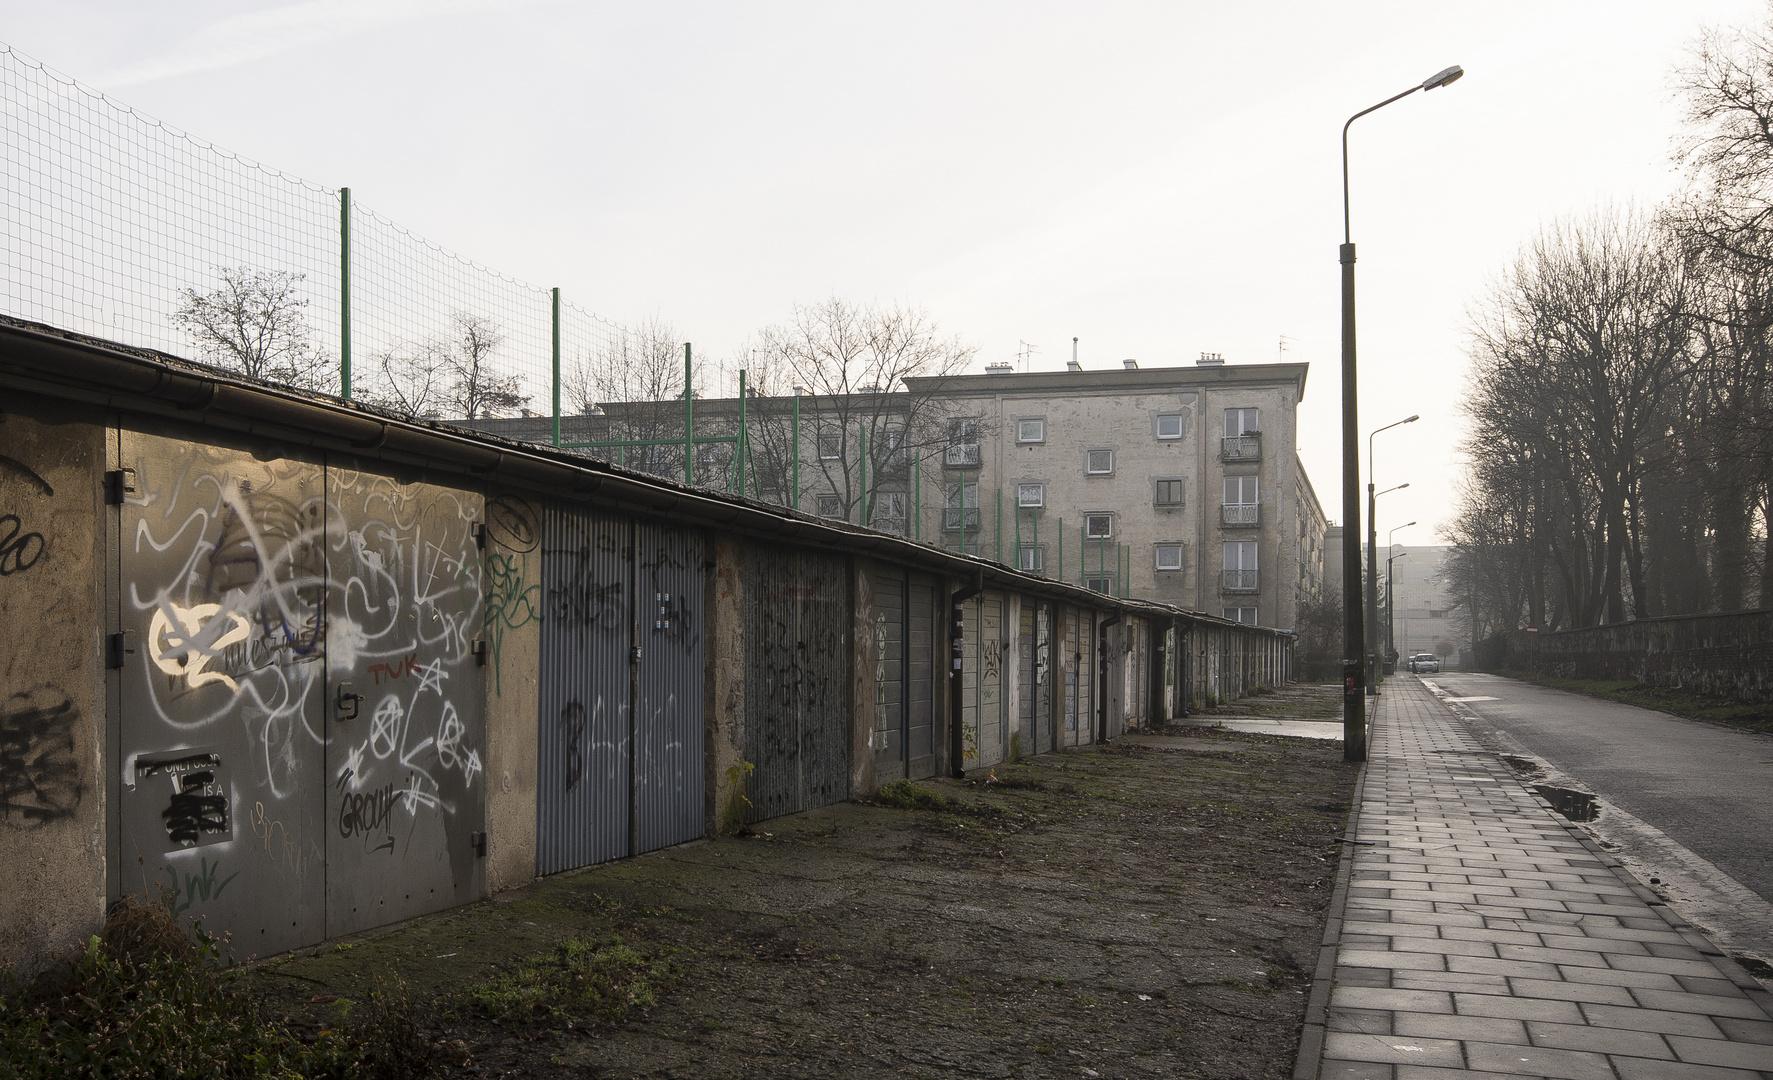 Krakow - Micha?a Siedleckiego